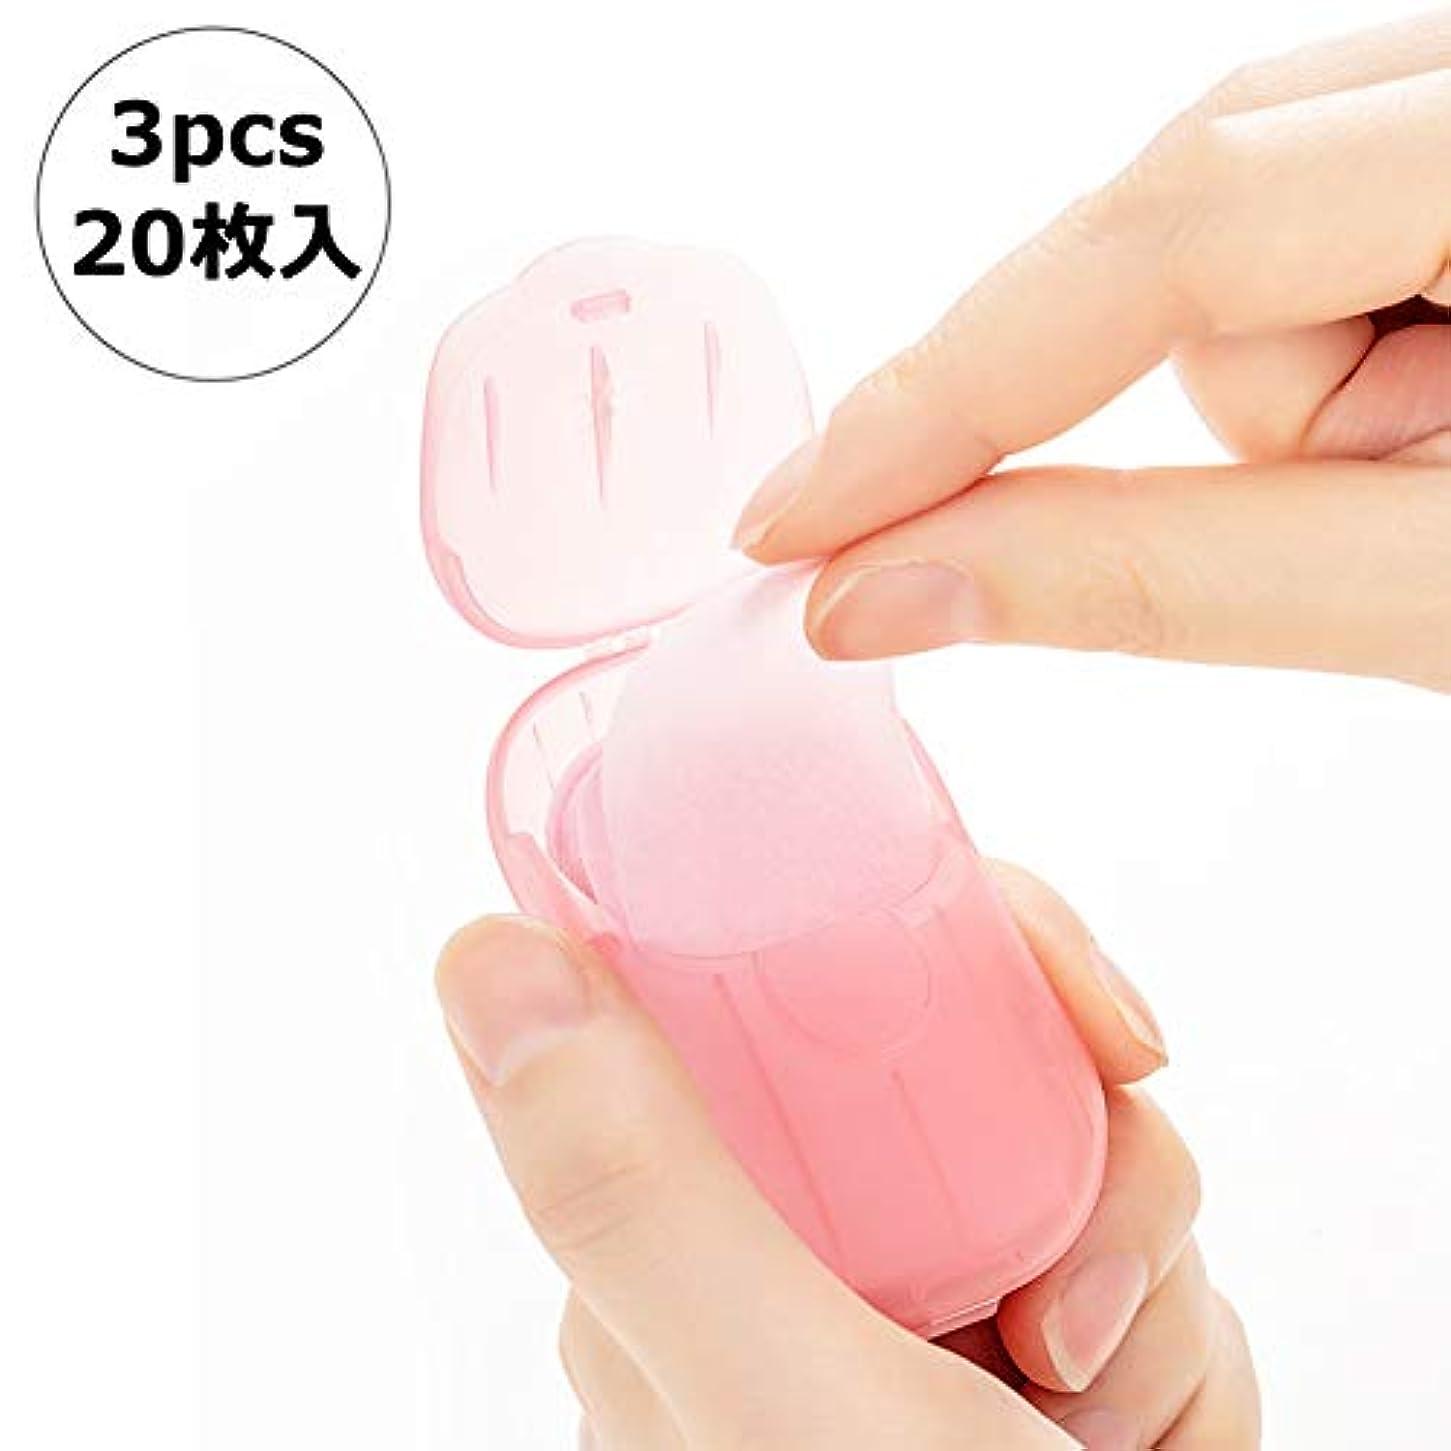 レスリングマイクロフォンロック解除NITIUMI ペーパーソープ 除菌 香り 石鹸 手洗い/お風呂 旅行携帯用 紙せっけん 20枚入 ケース付き カラーランダム (3個セット)